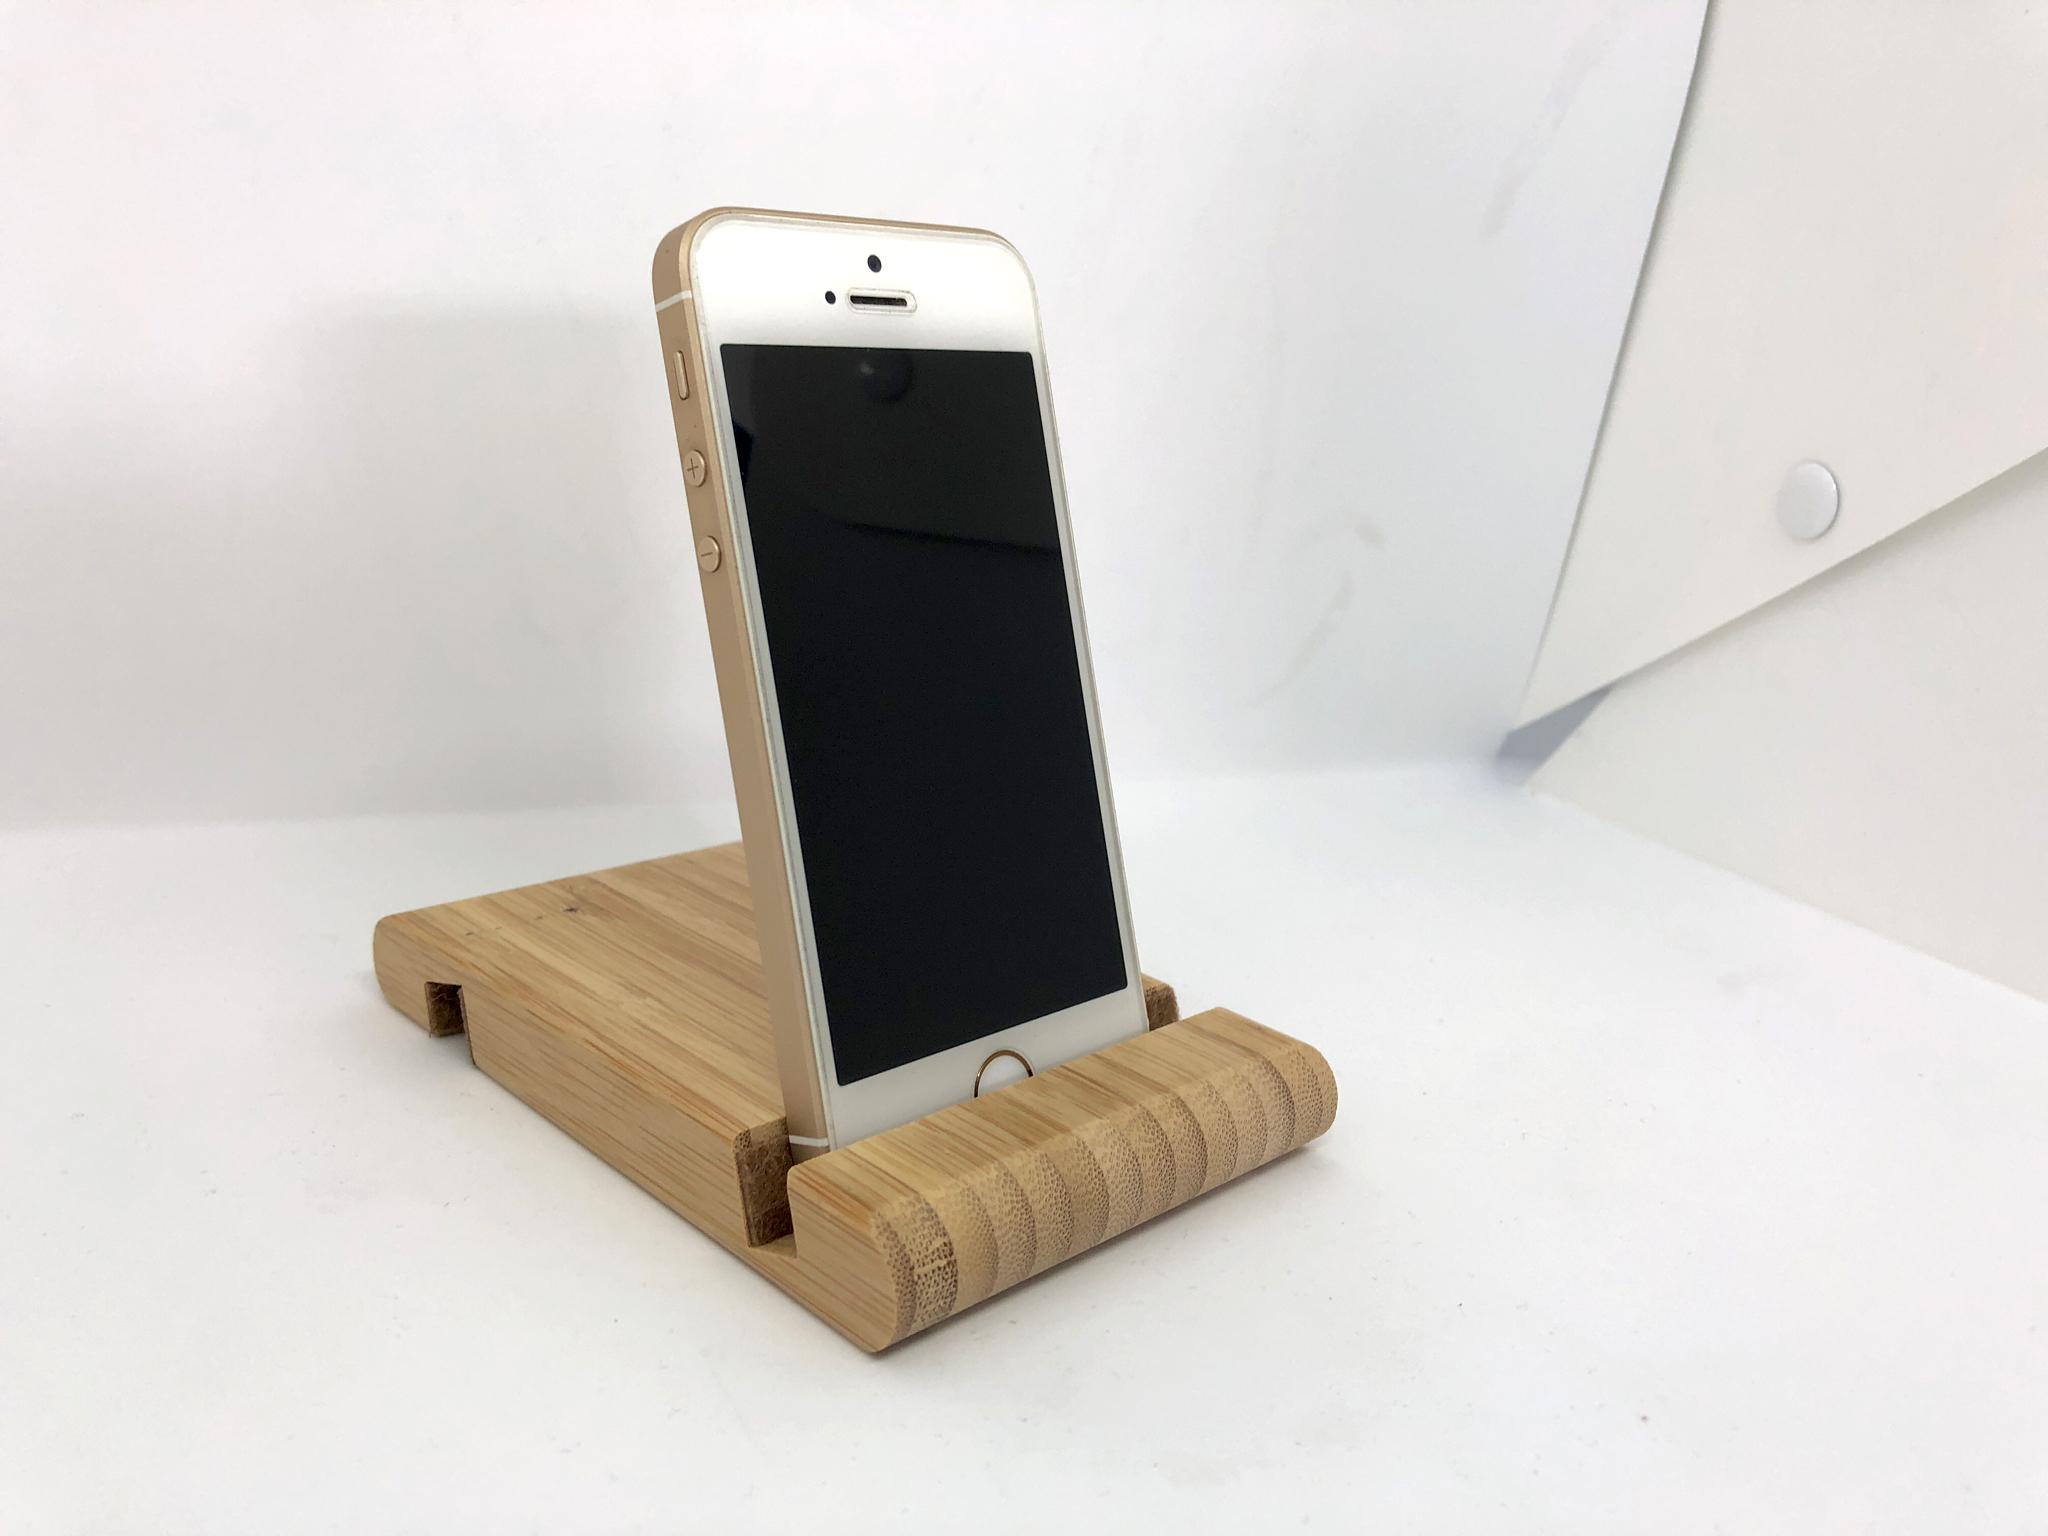 iPhone SE 16GB, 16 GB, Gold, bild 1